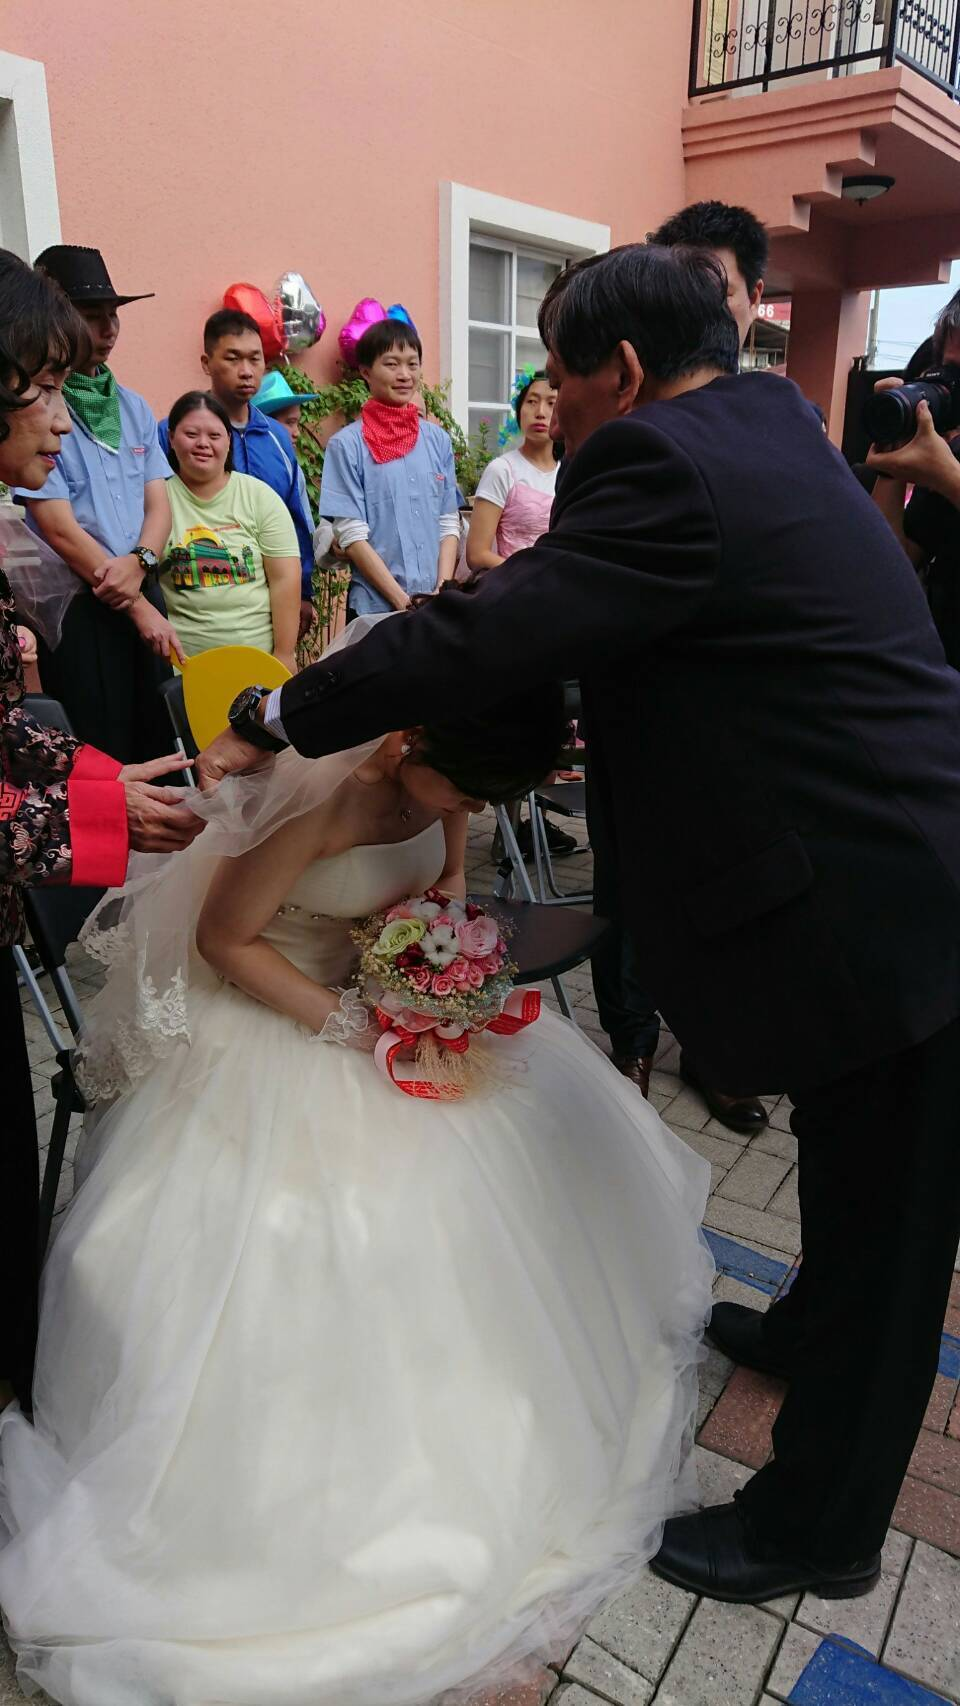 在德蘭中心工作的社工督導蔡竺君與同為社工的陳國祥今天早上8點在德蘭舉辦婚禮。圖/...